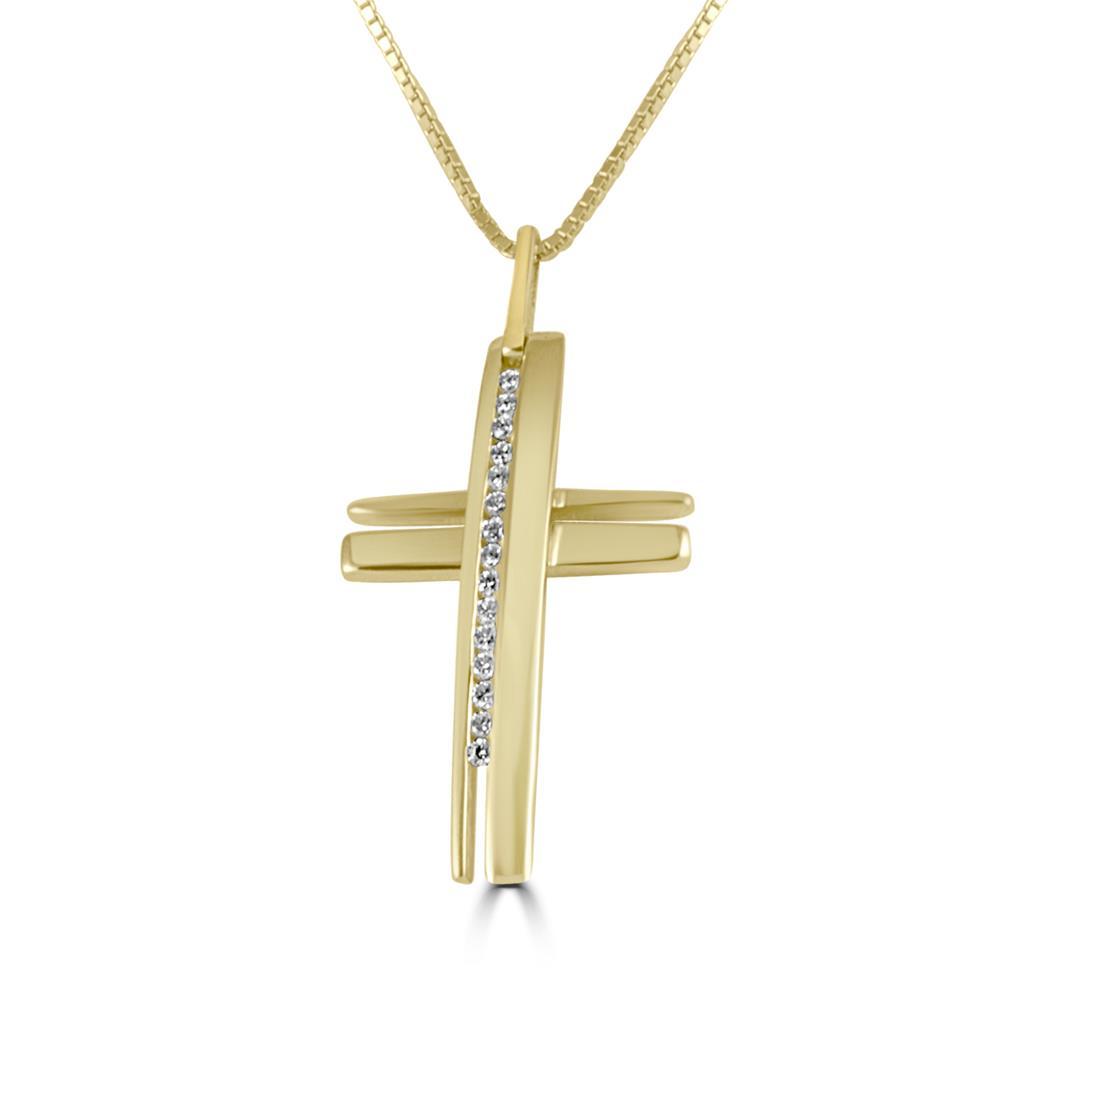 Collier Alfieri & St John in oro giallo con diamanti ct 0,14 colore H - ALFIERI ST JOHN